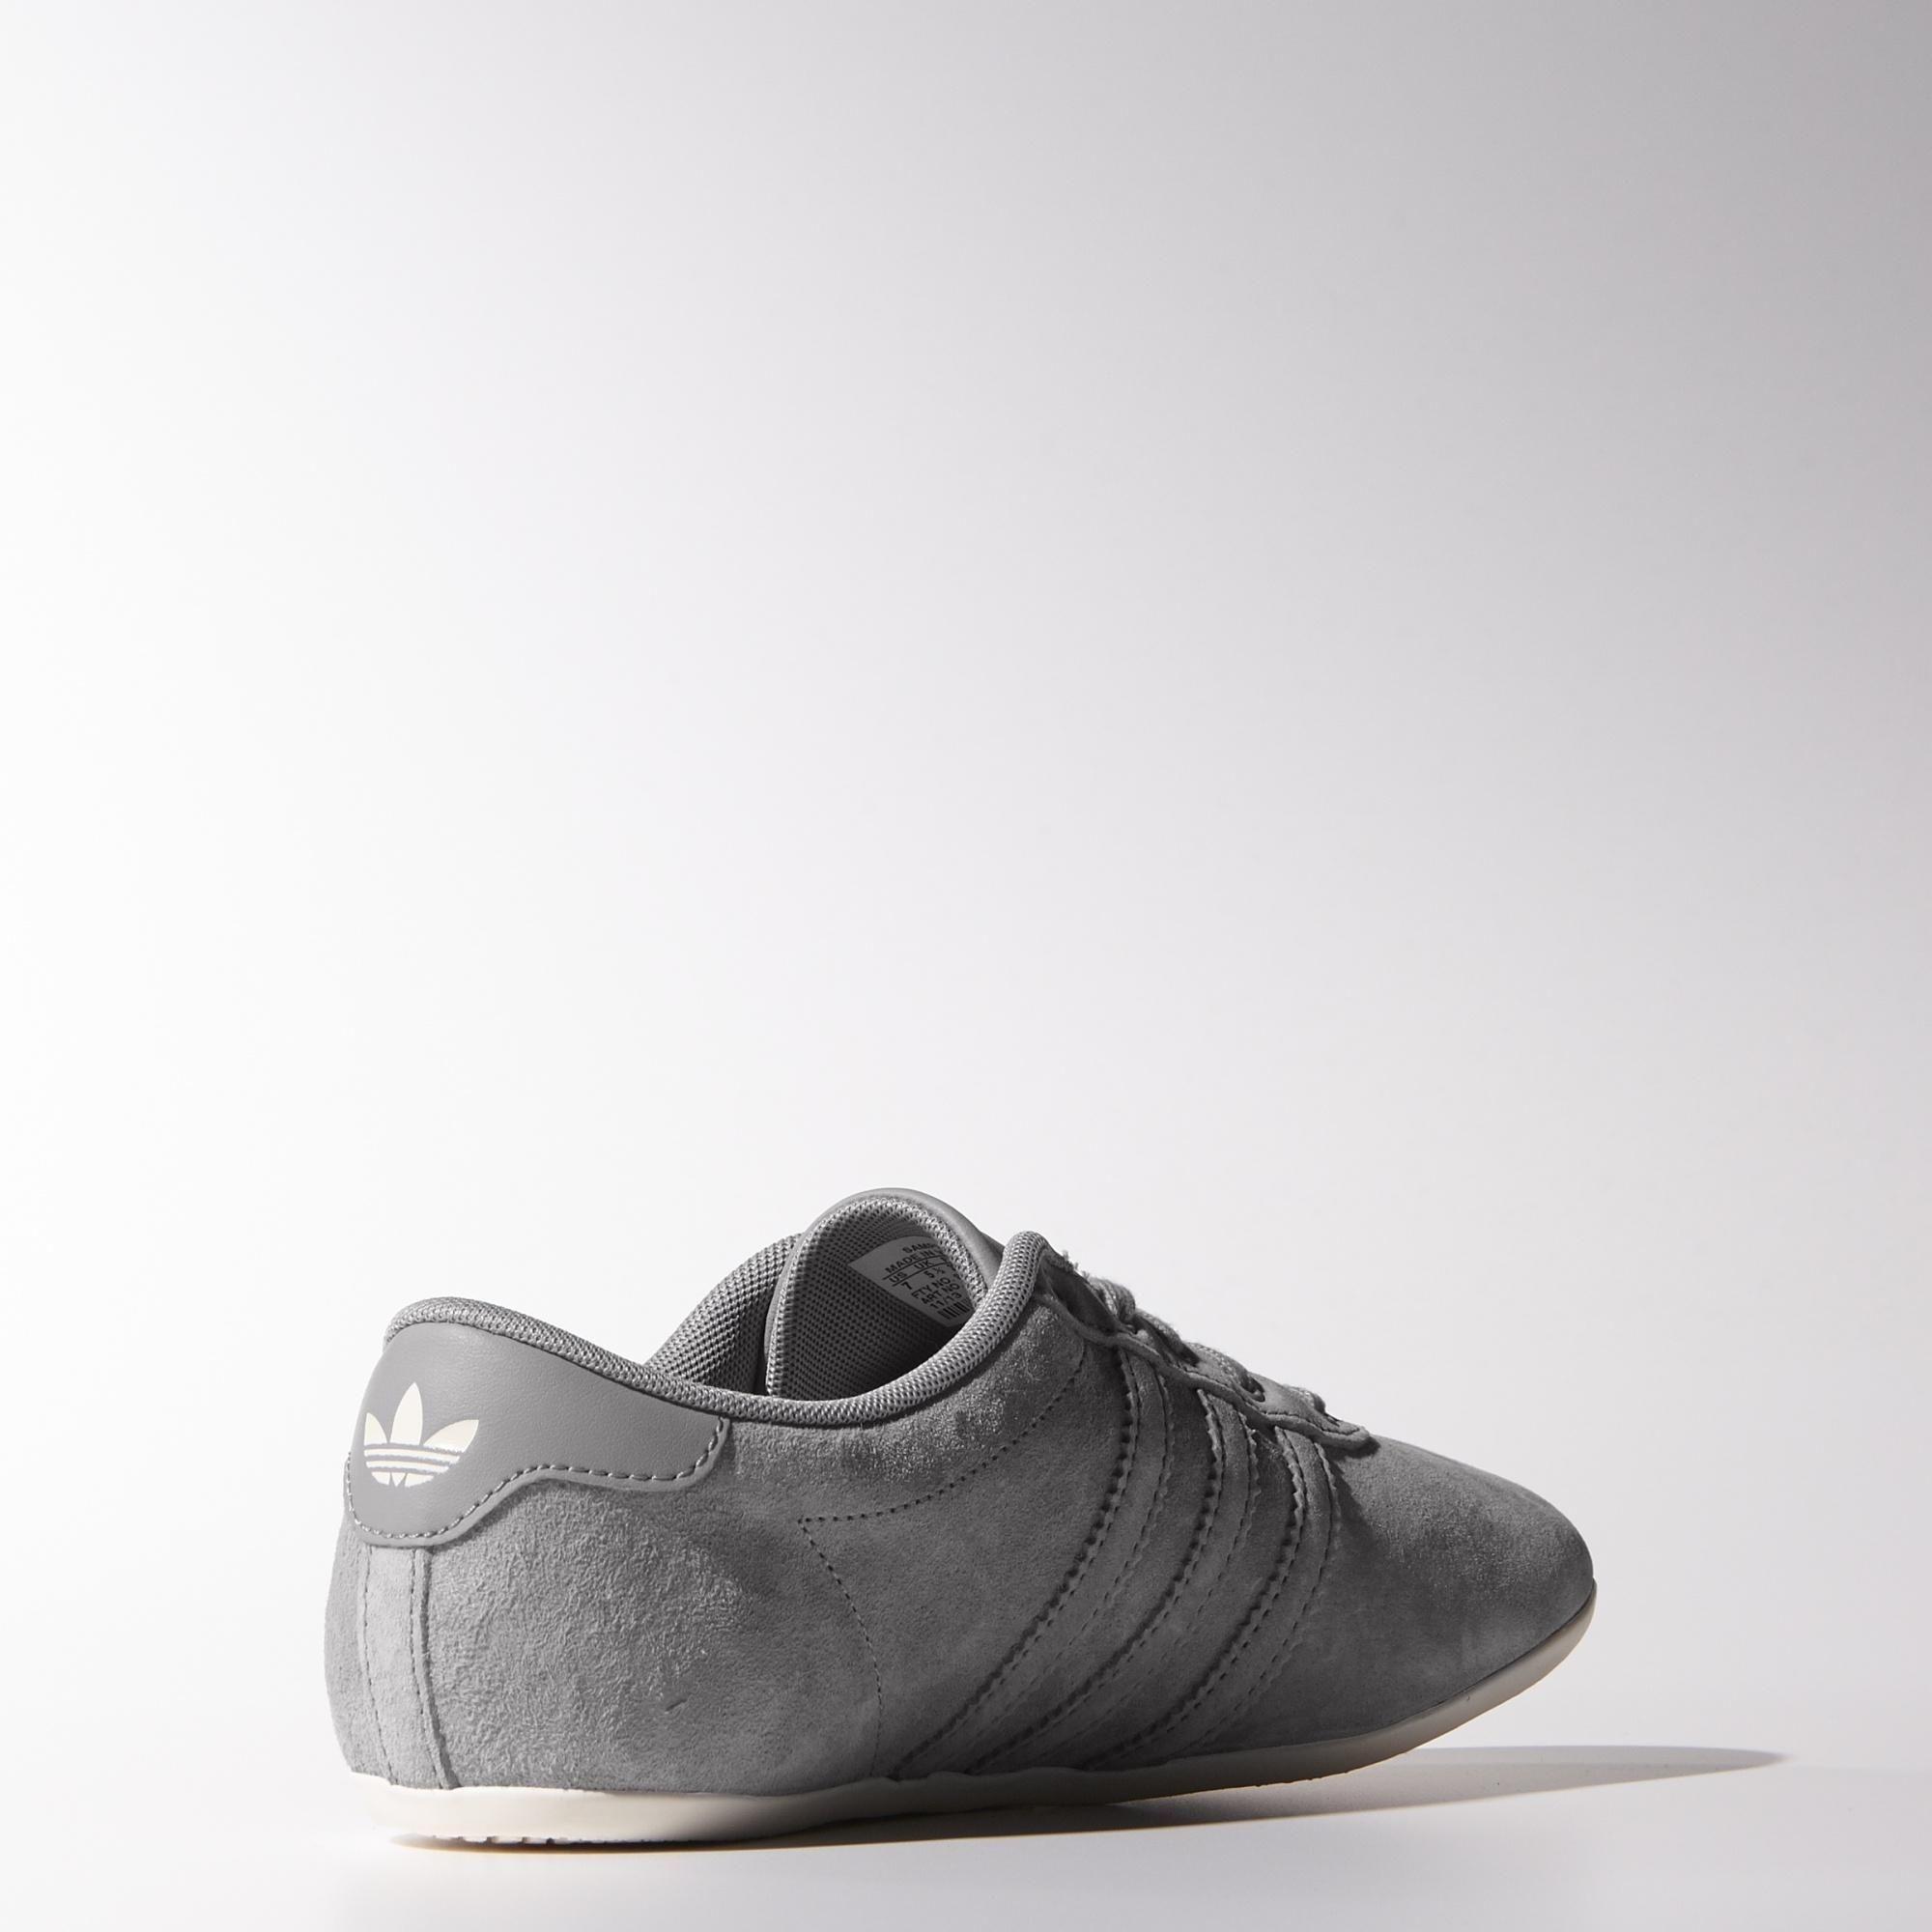 Genuino Hornear tornillo  adidas Tenis Originals Nuline Mujer | adidas Mexico | Tipos de zapatos,  Adidas, Adidas originals mujer